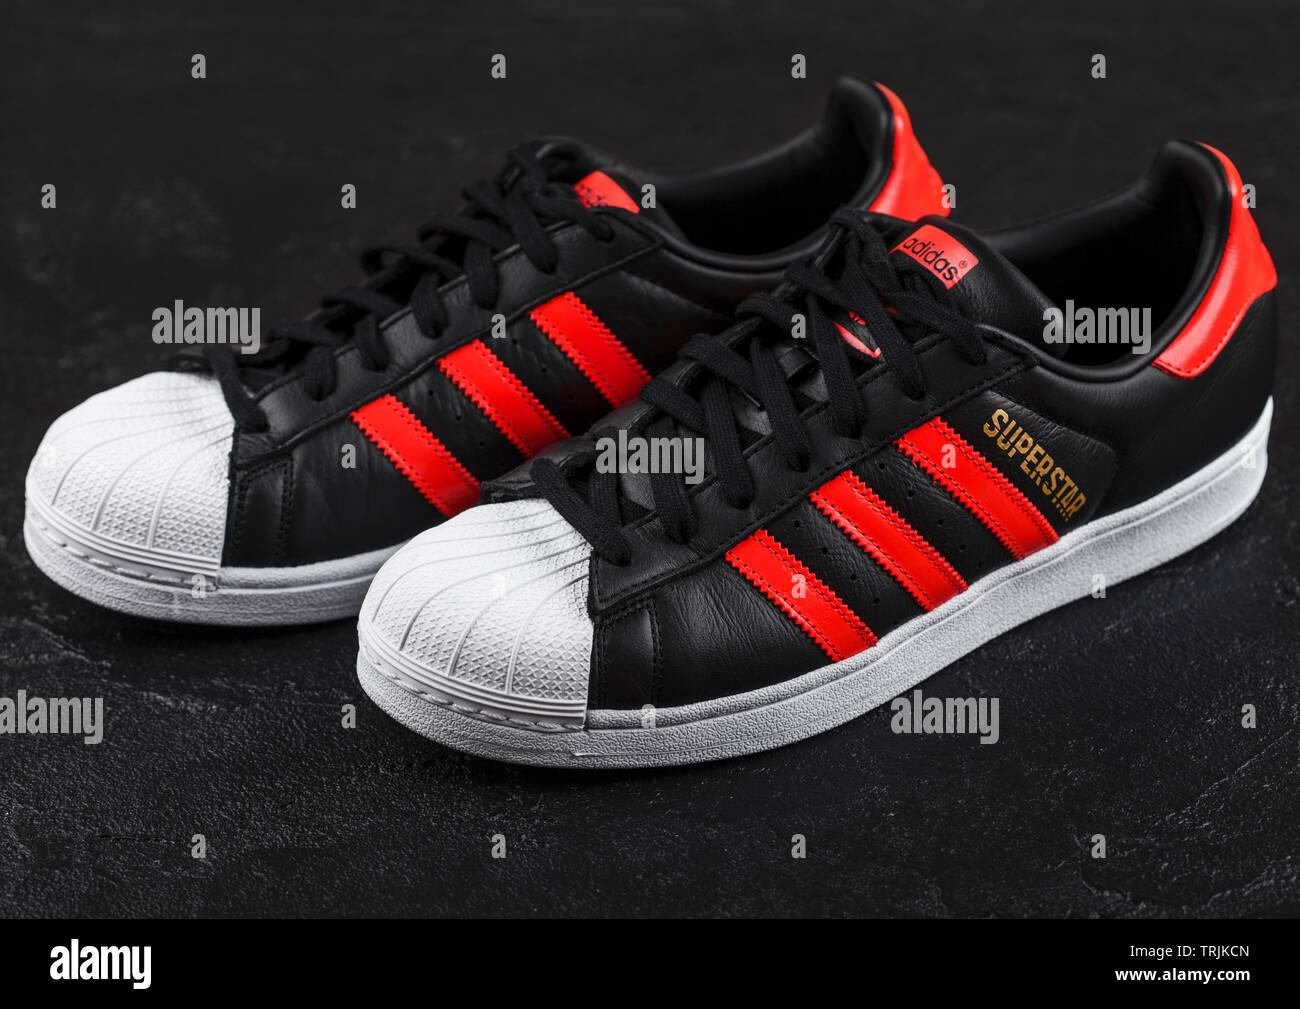 81cd373c8d LONDON, UK - Juni 05, 2019: Adidas Superstar schwarze Schuhe mit roten  Streifen